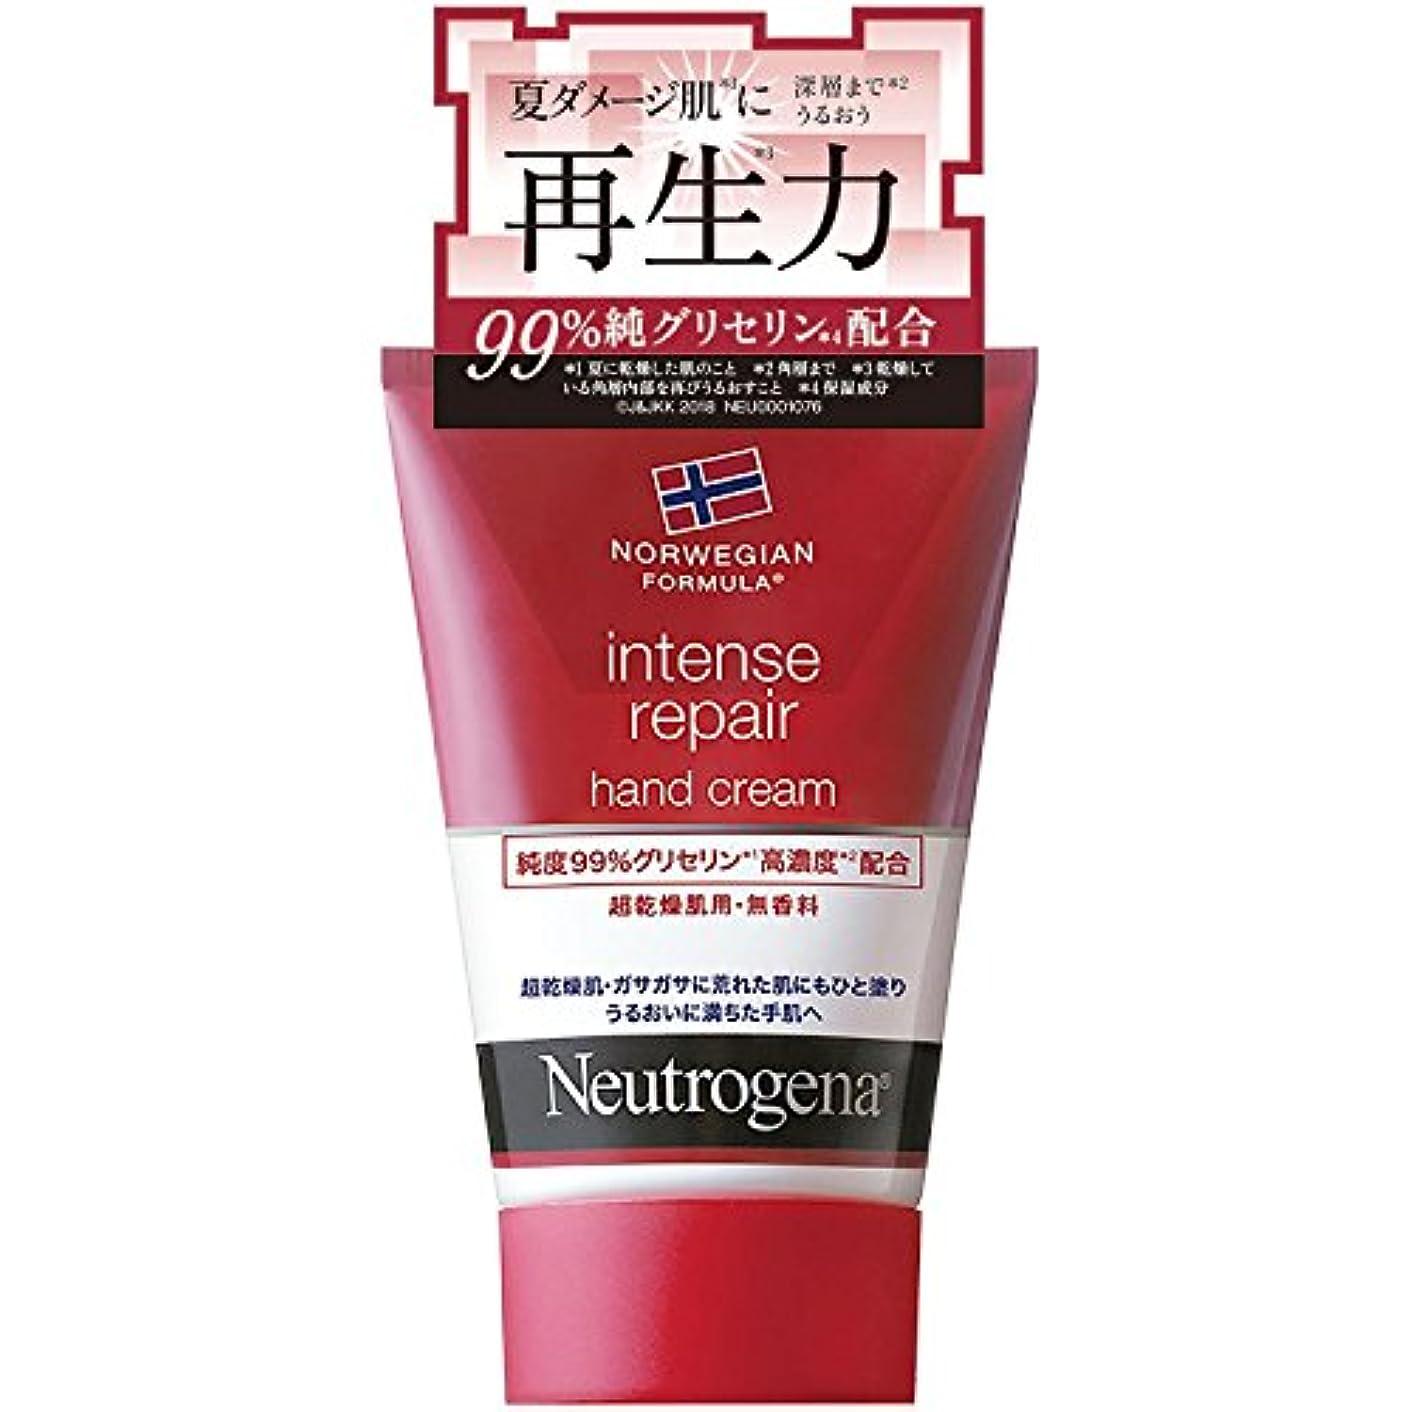 置くためにパックトリプルビットNeutrogena(ニュートロジーナ) ノルウェーフォーミュラ インテンスリペア ハンドクリーム 超乾燥肌用 無香料 単品 50g